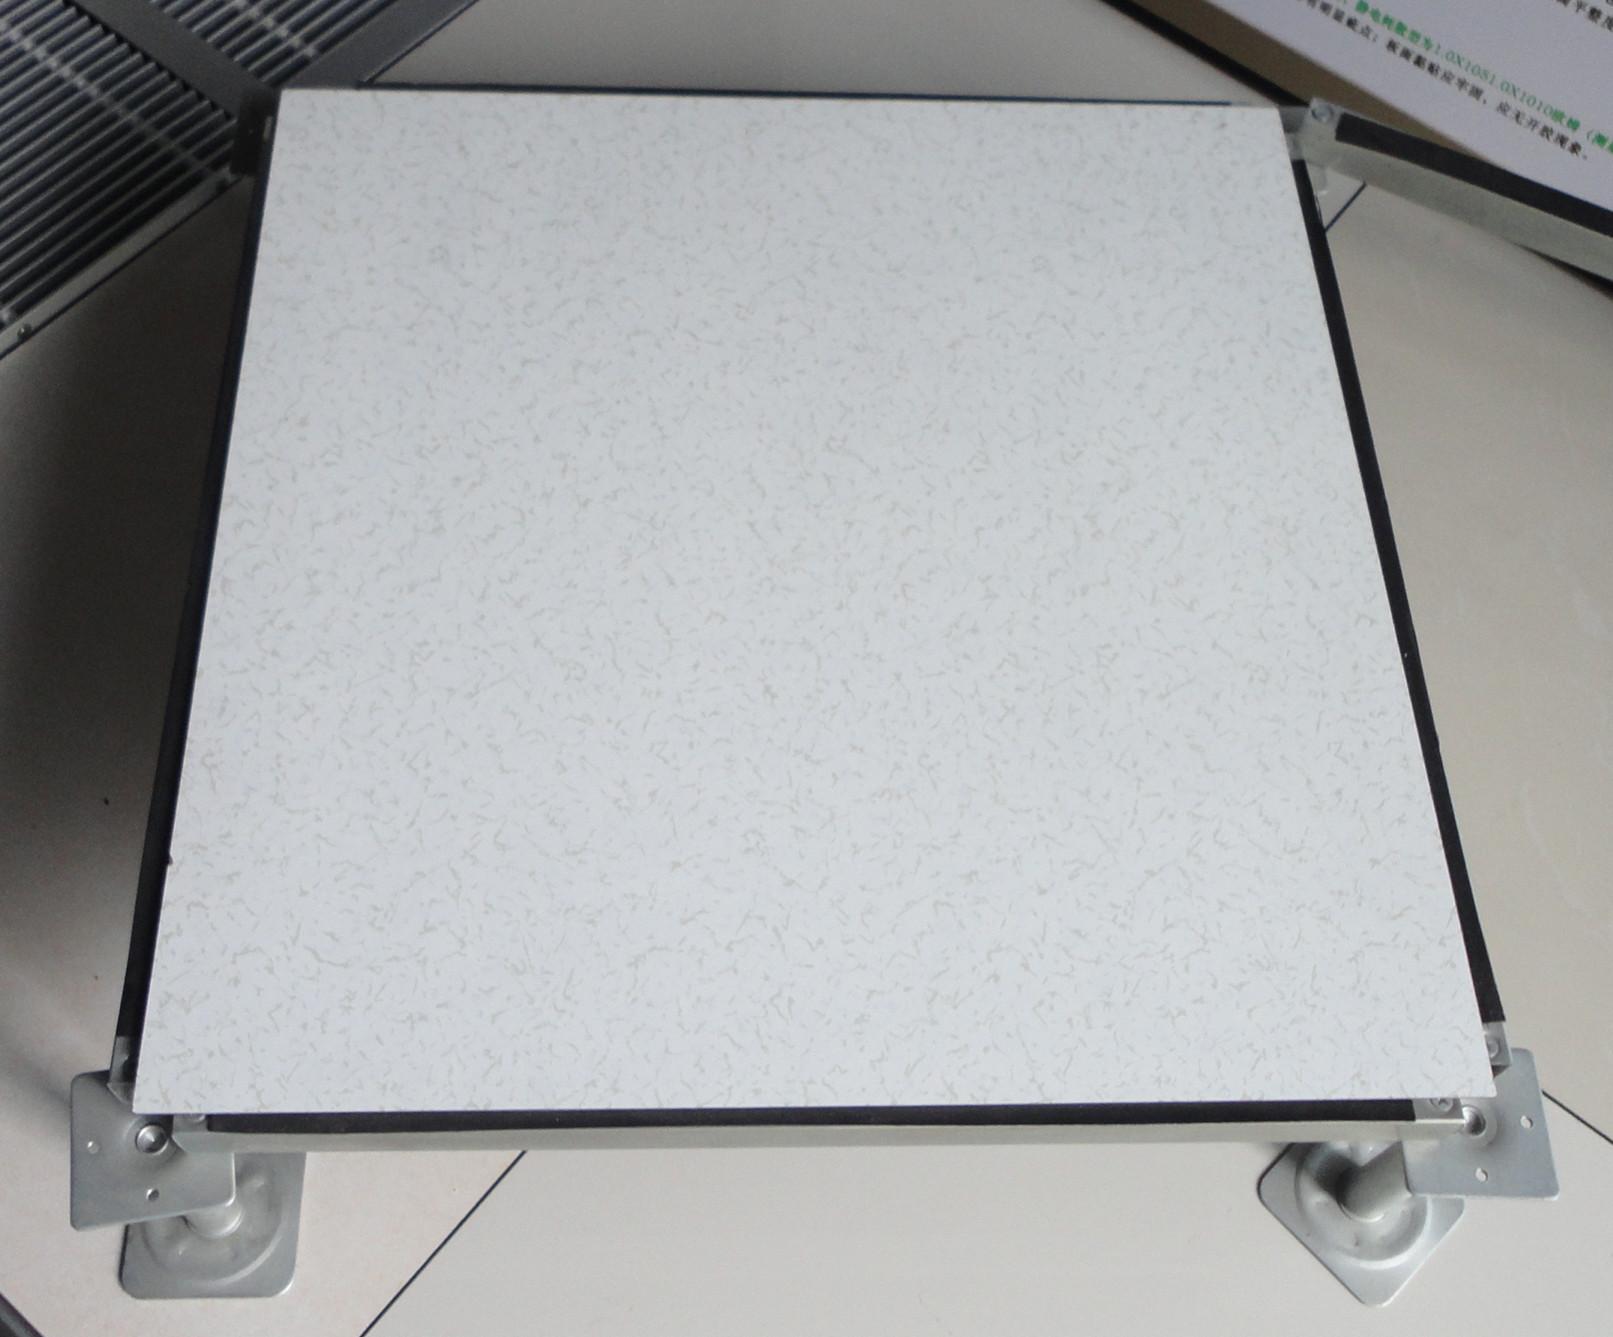 沧州防静电地板厂家直销报价表 晓伟 抗静电地板厂